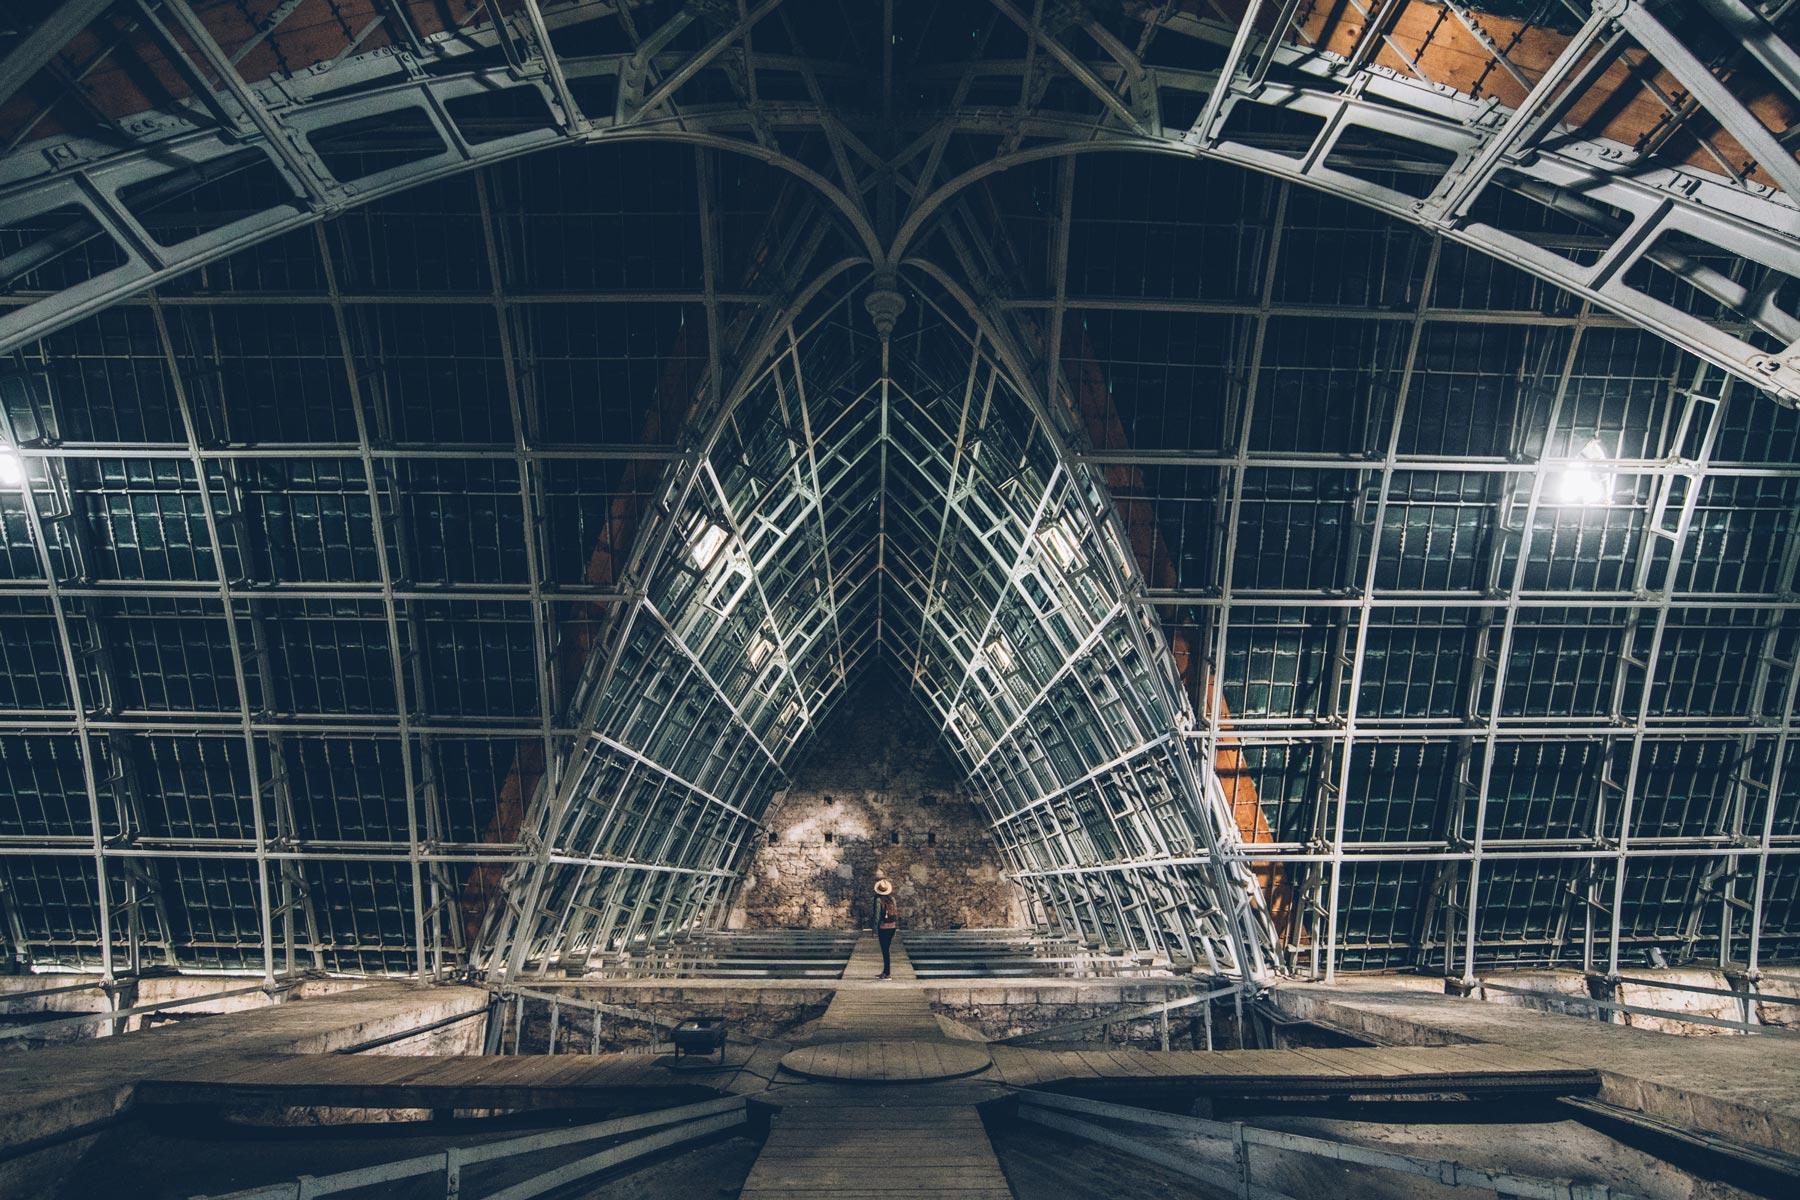 Cathédrale de Chartres, Charpente en acier